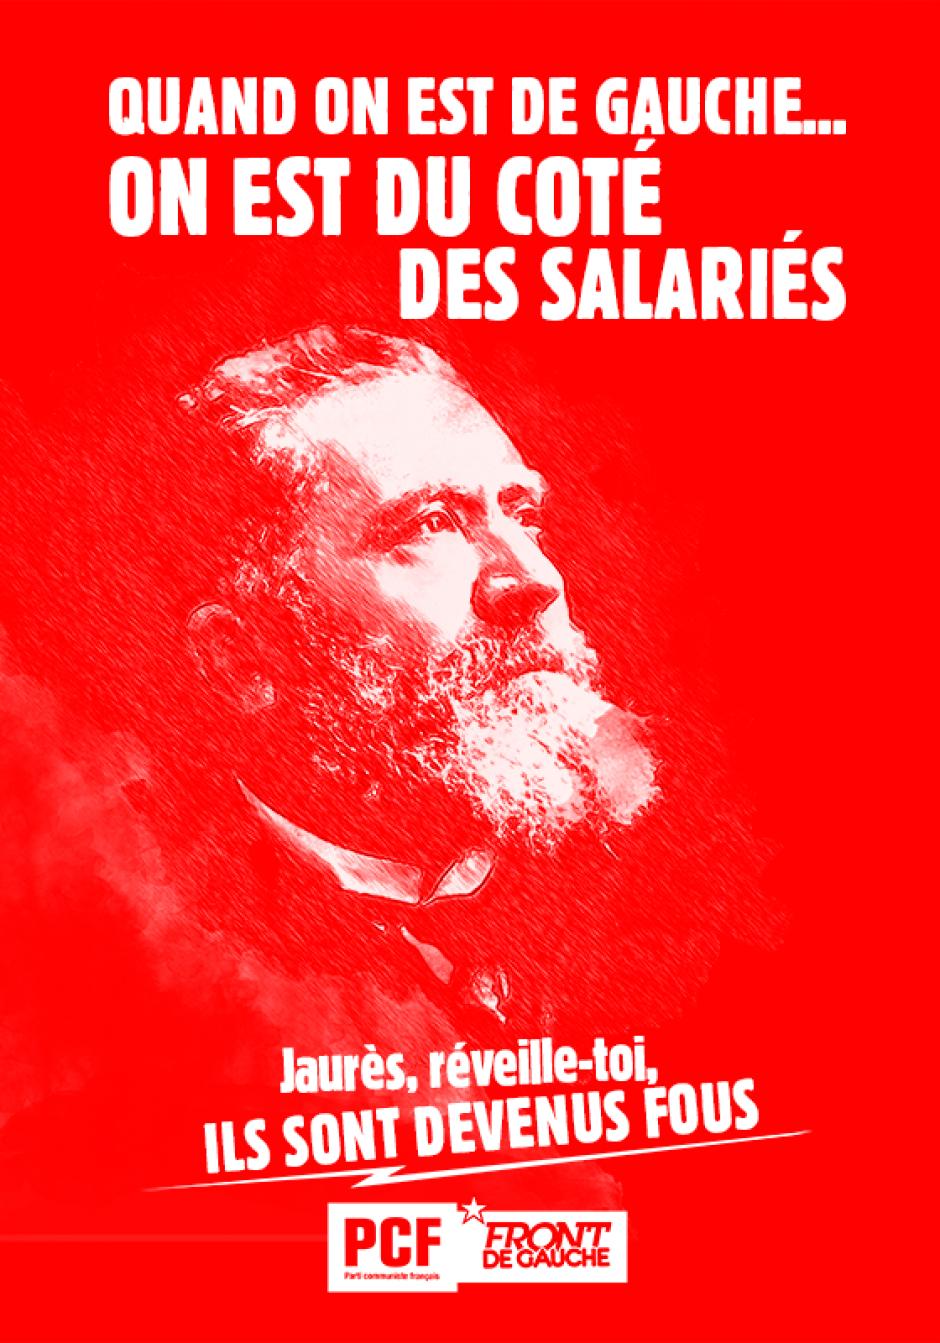 Déclaration du PCF95 à l'occasion de l'anniversaire de la mort de Jean Jaurès